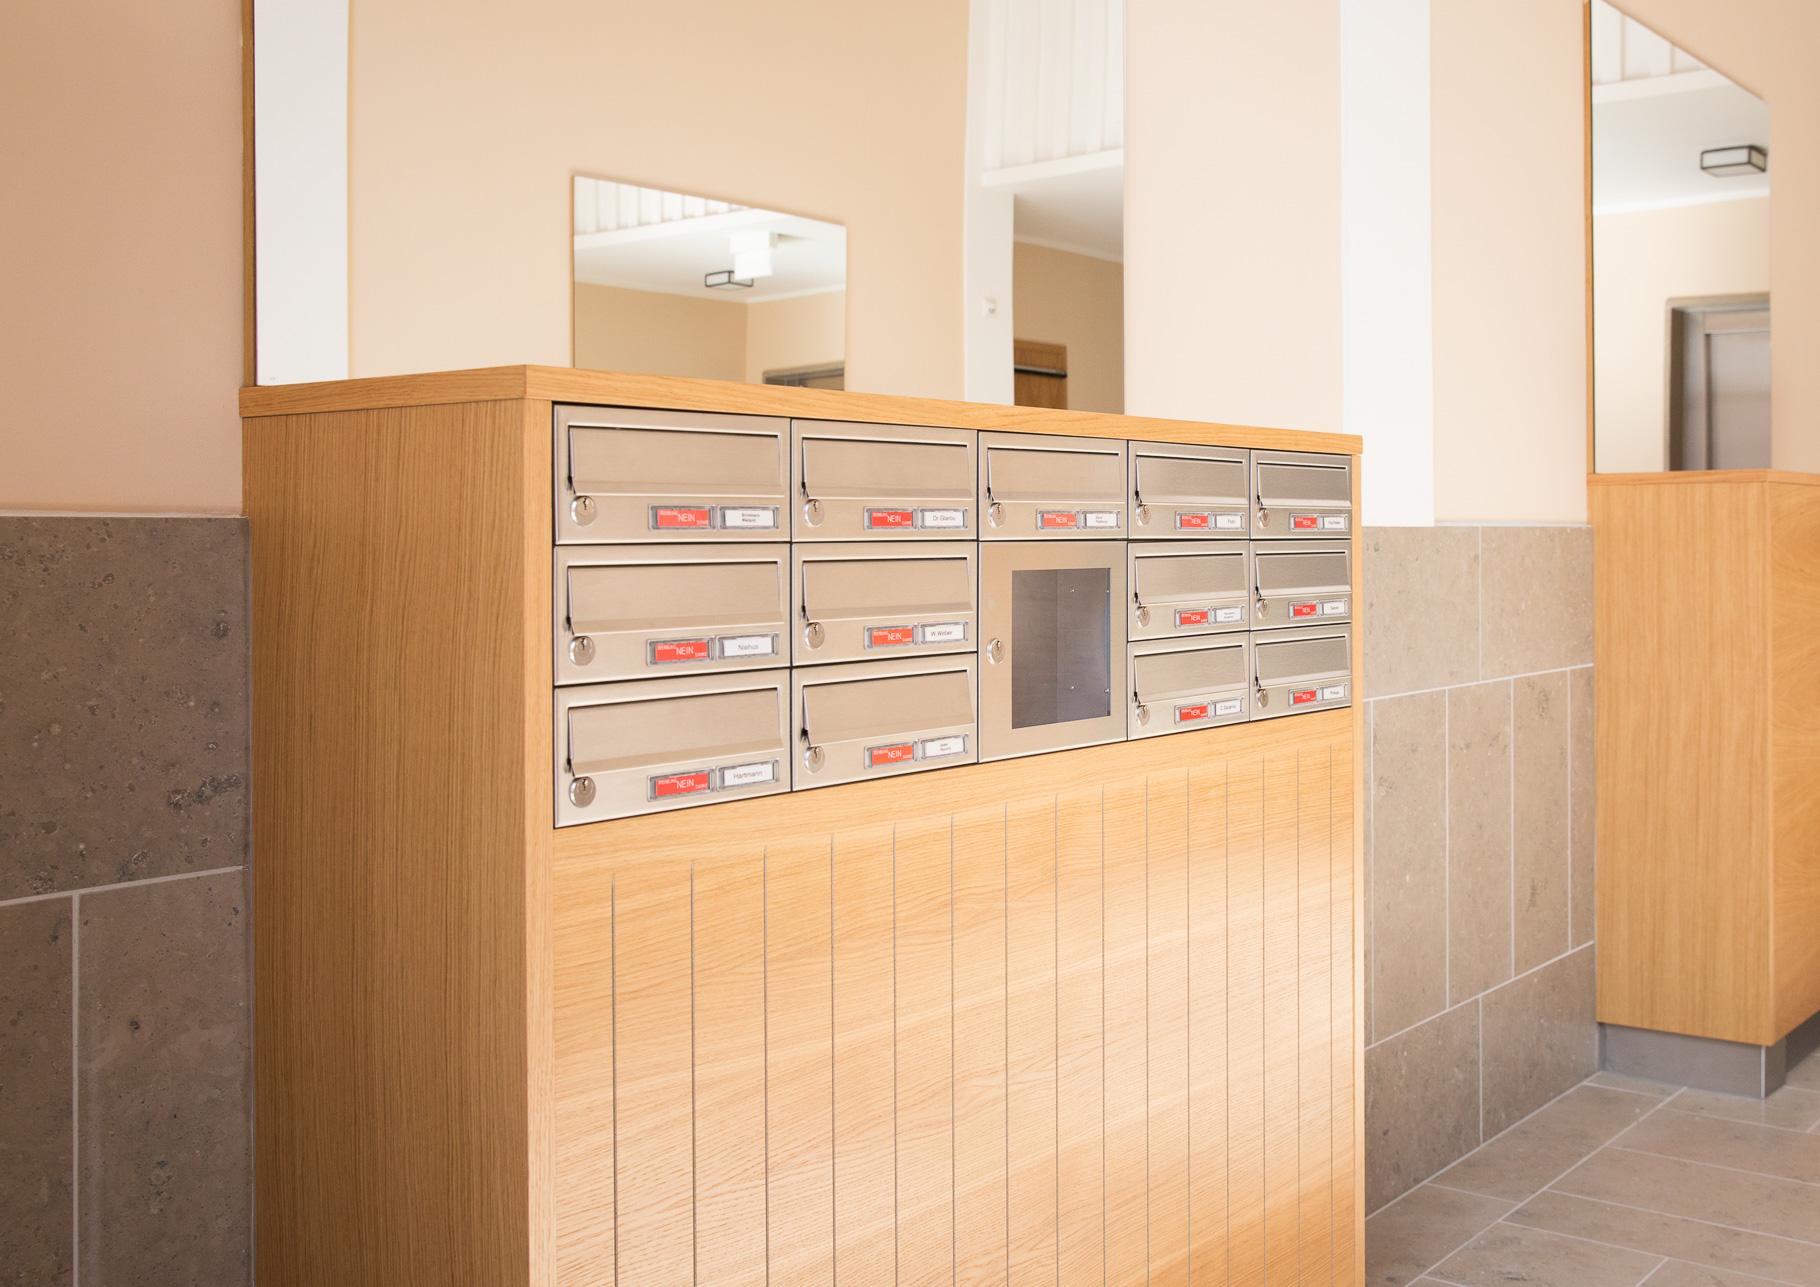 Briefkastenanlage mit Mitteilungskasten